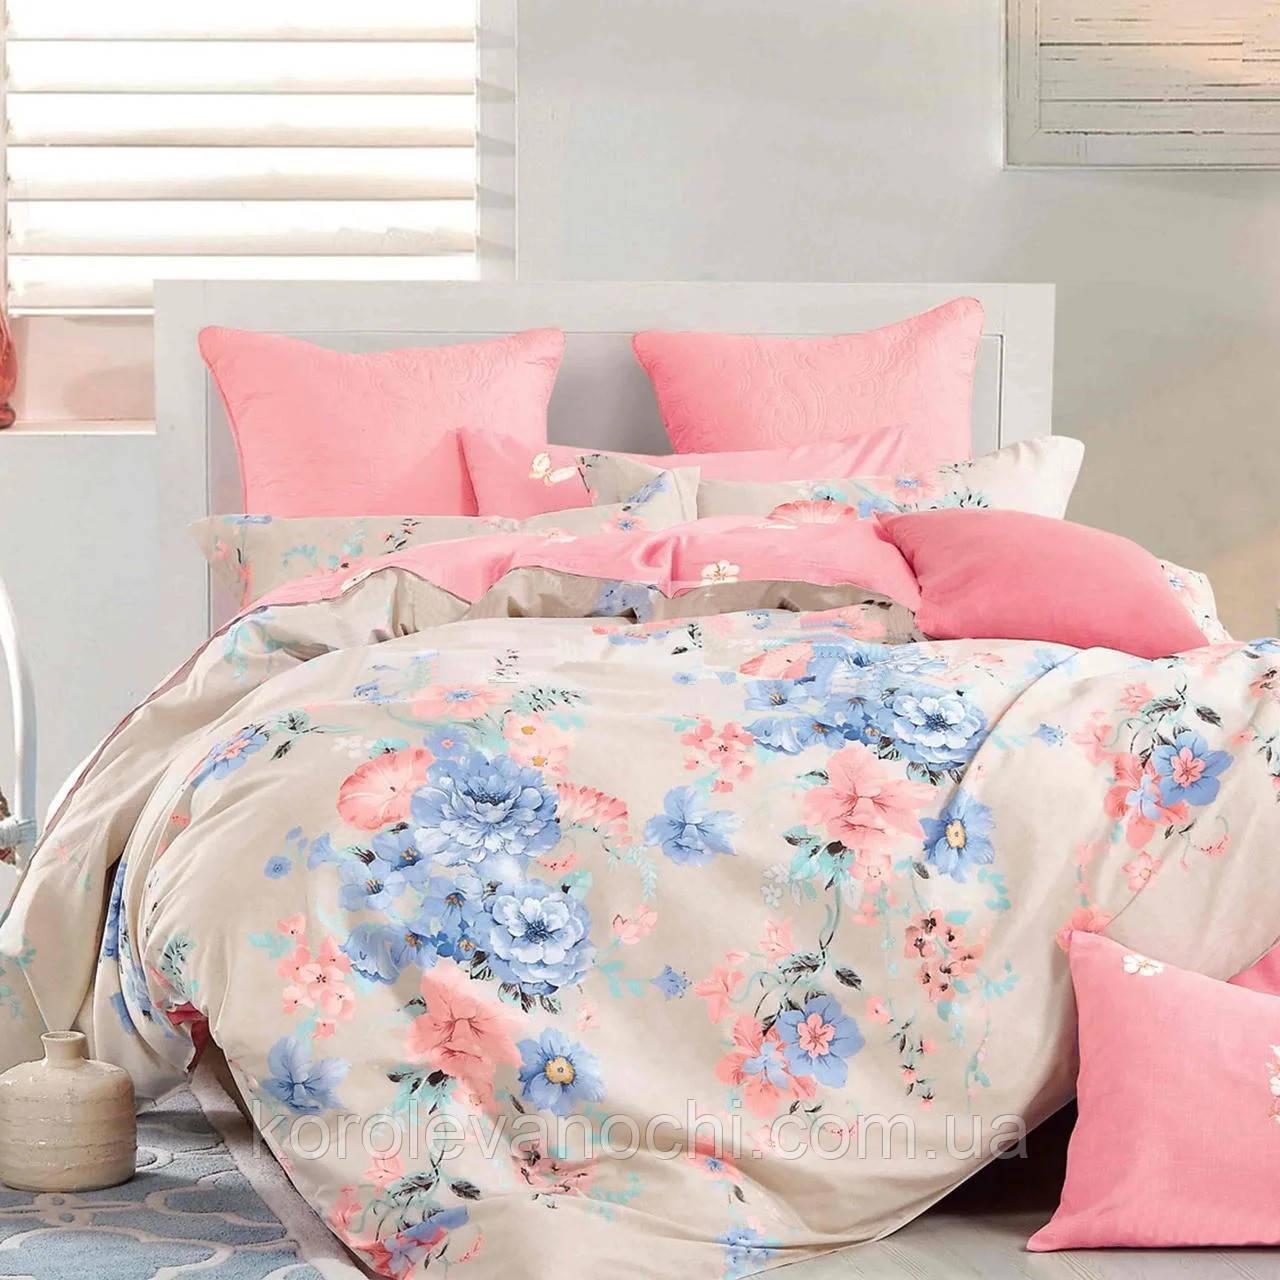 """Полуторный комплект (Бязь)   Постельное белье от производителя """"Королева Ночи""""   Цветы на бежевом и розовом"""